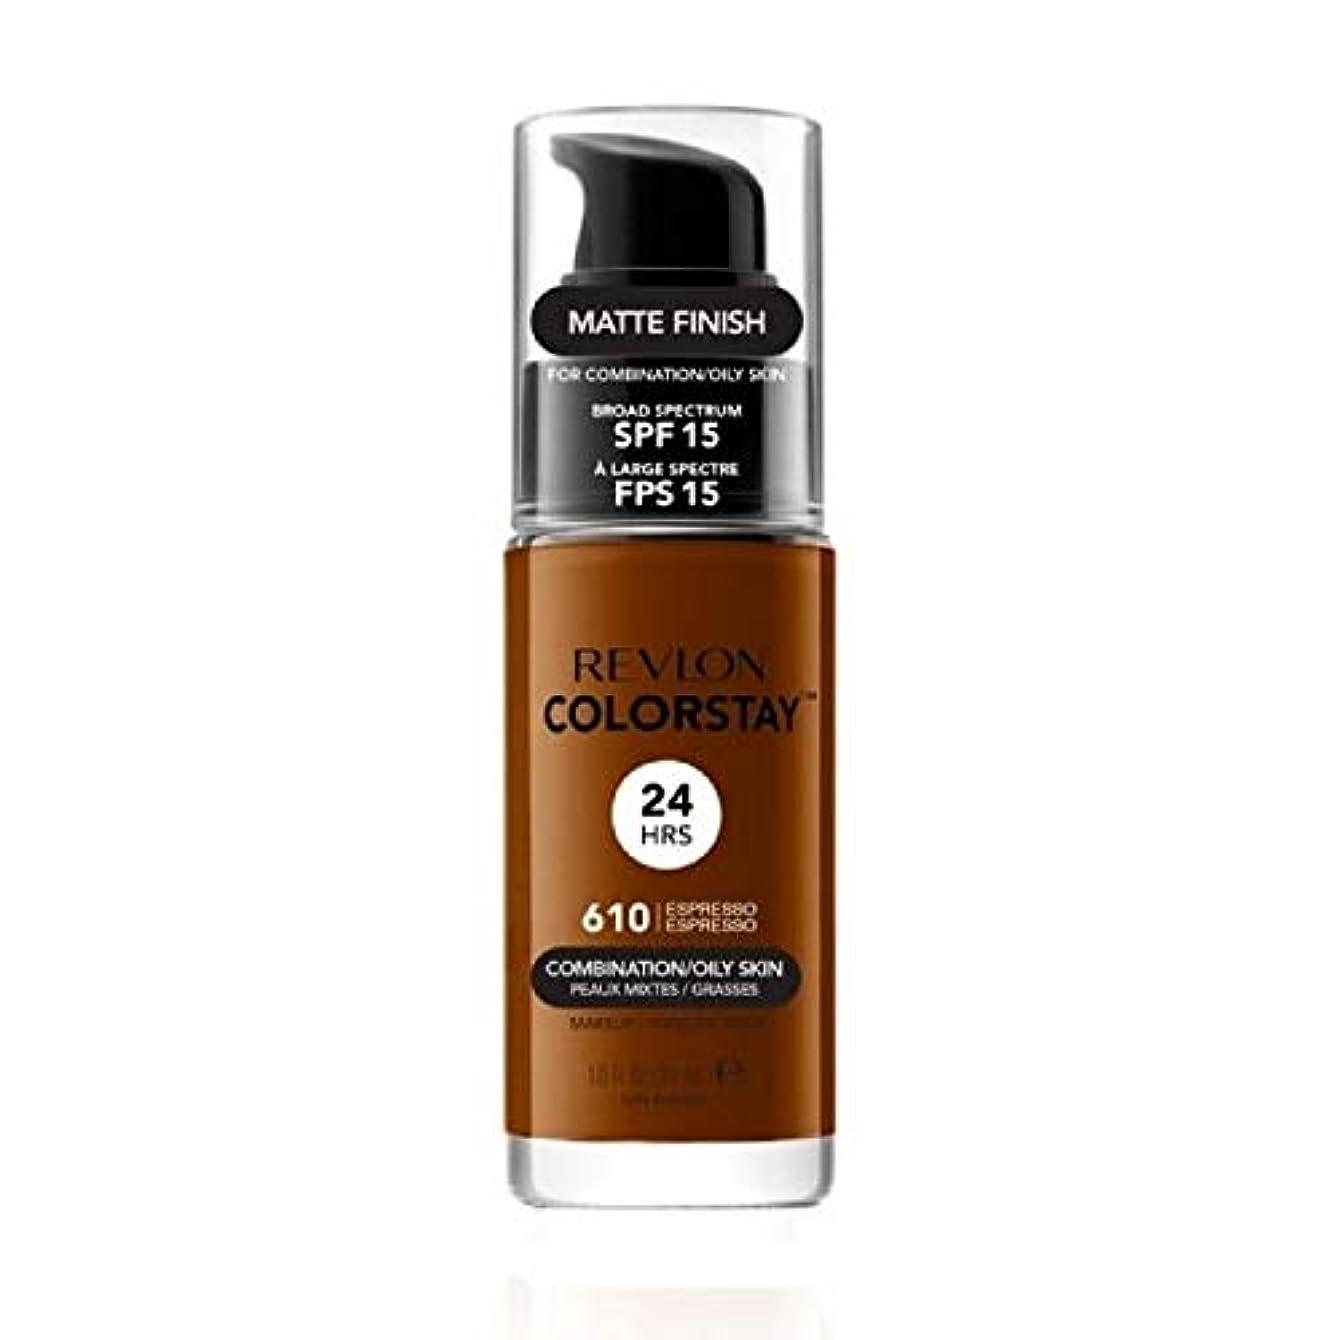 オーバーフローシソーラスイサカ[Revlon ] レブロンColorstayの基盤コンビオイリー肌の30ミリリットルのエスプレッソ - Revlon Colorstay Foundation Combi Oily skin 30ml Espresso [並行輸入品]